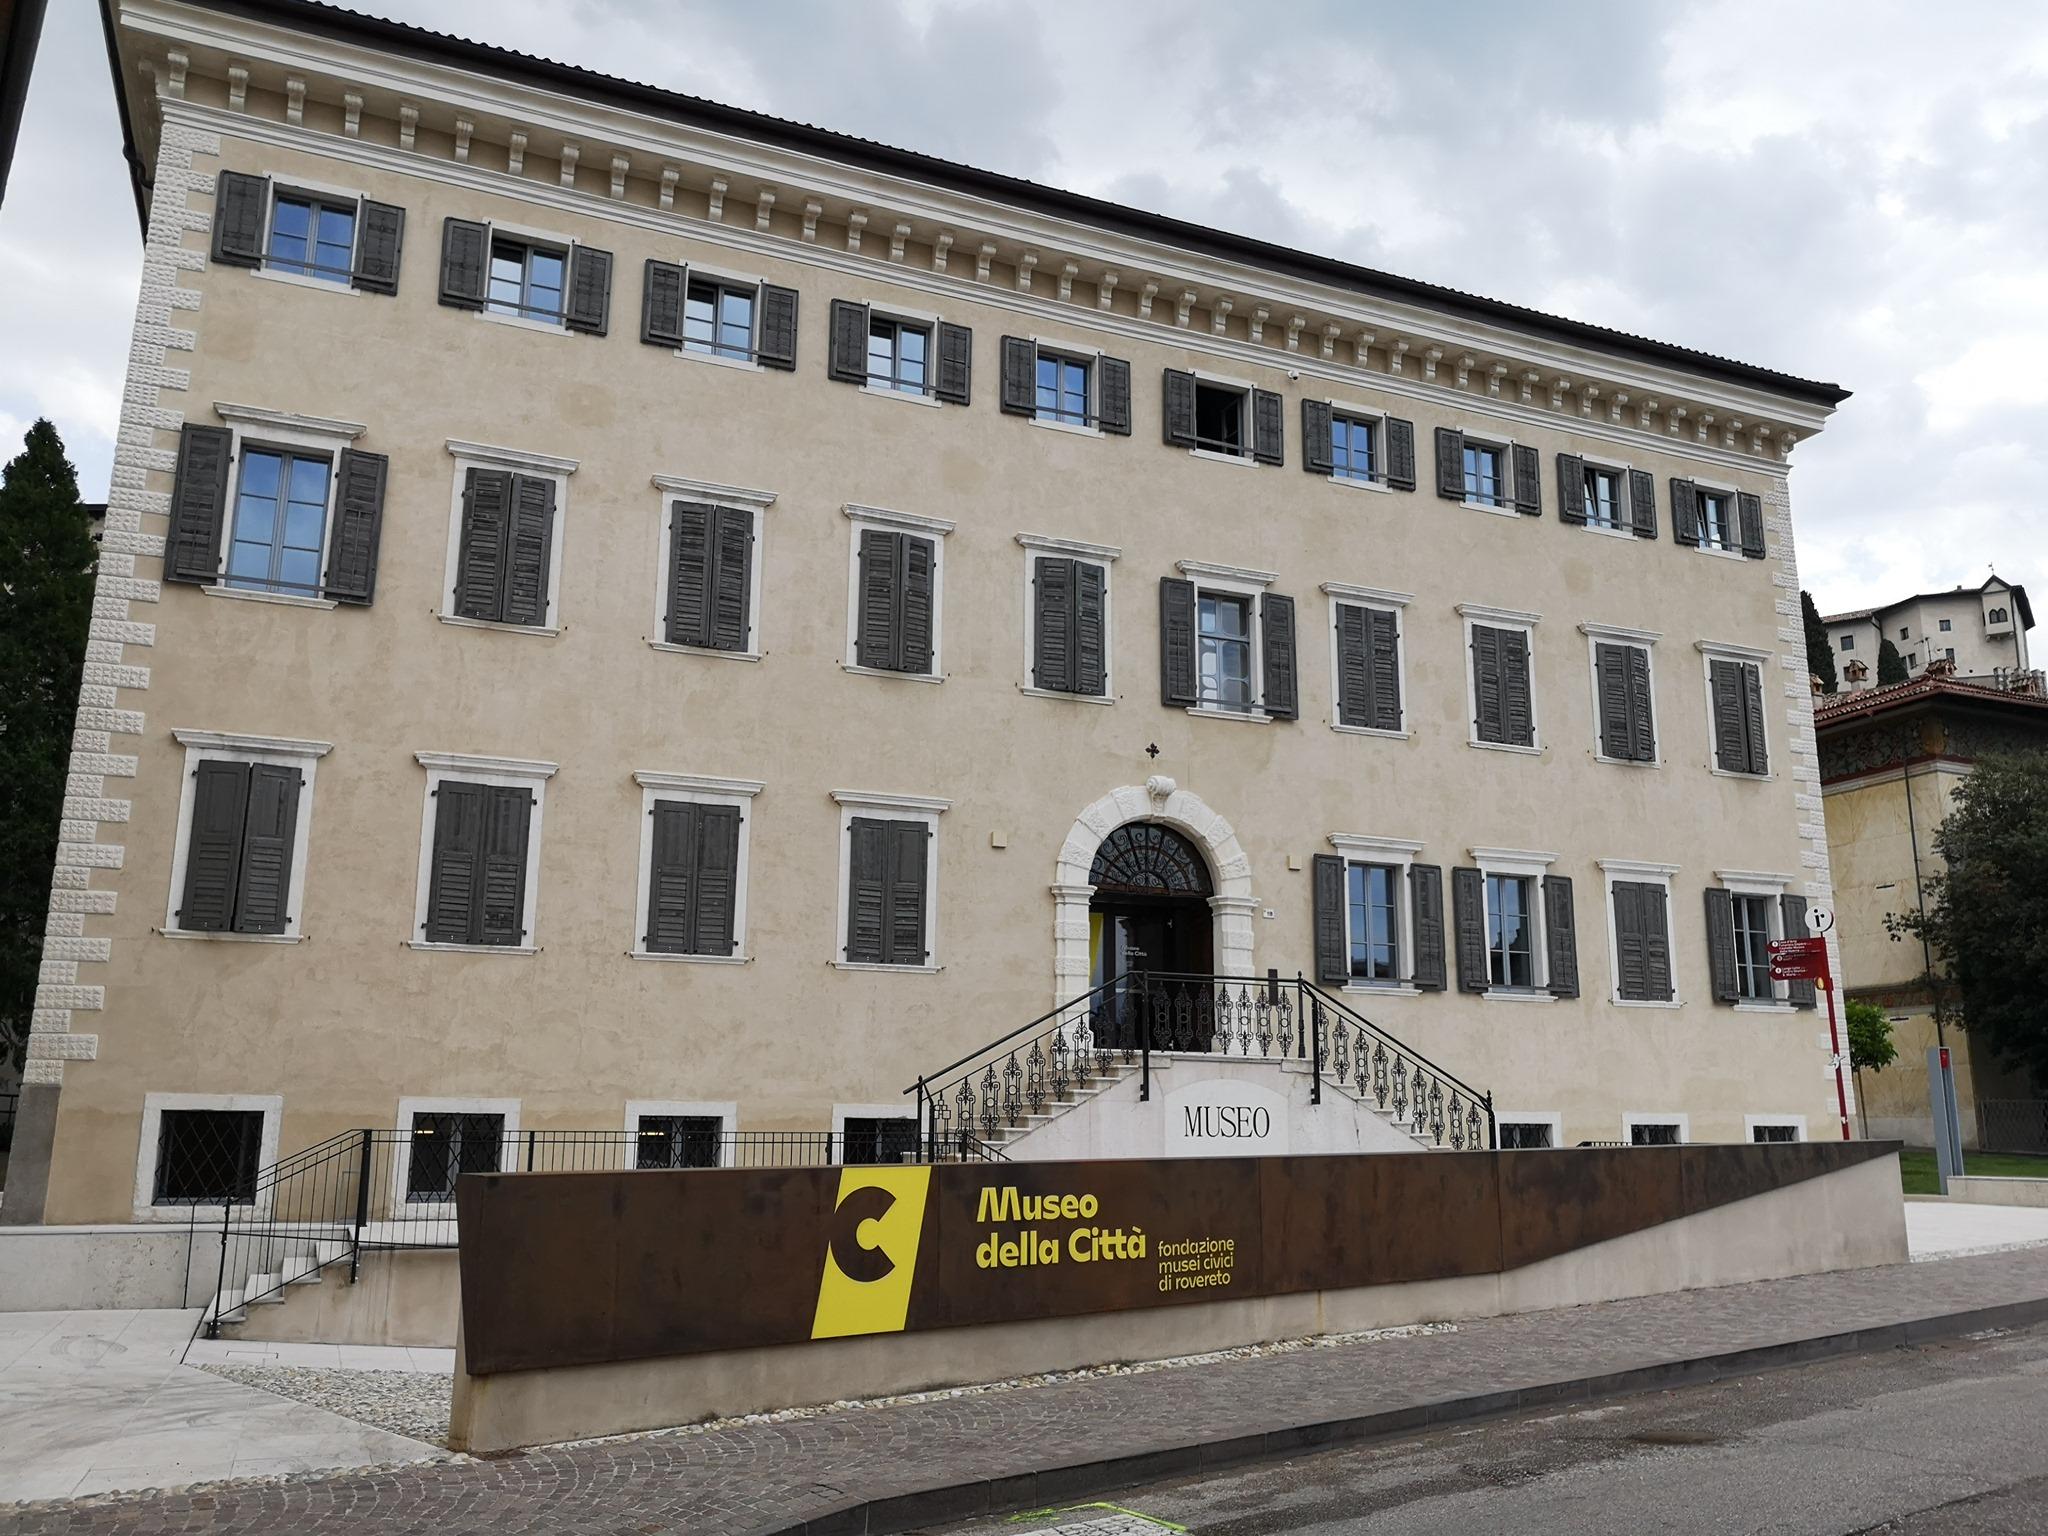 rovereto_museo-della-citta_palazzo-sichardt_foto-fmcr